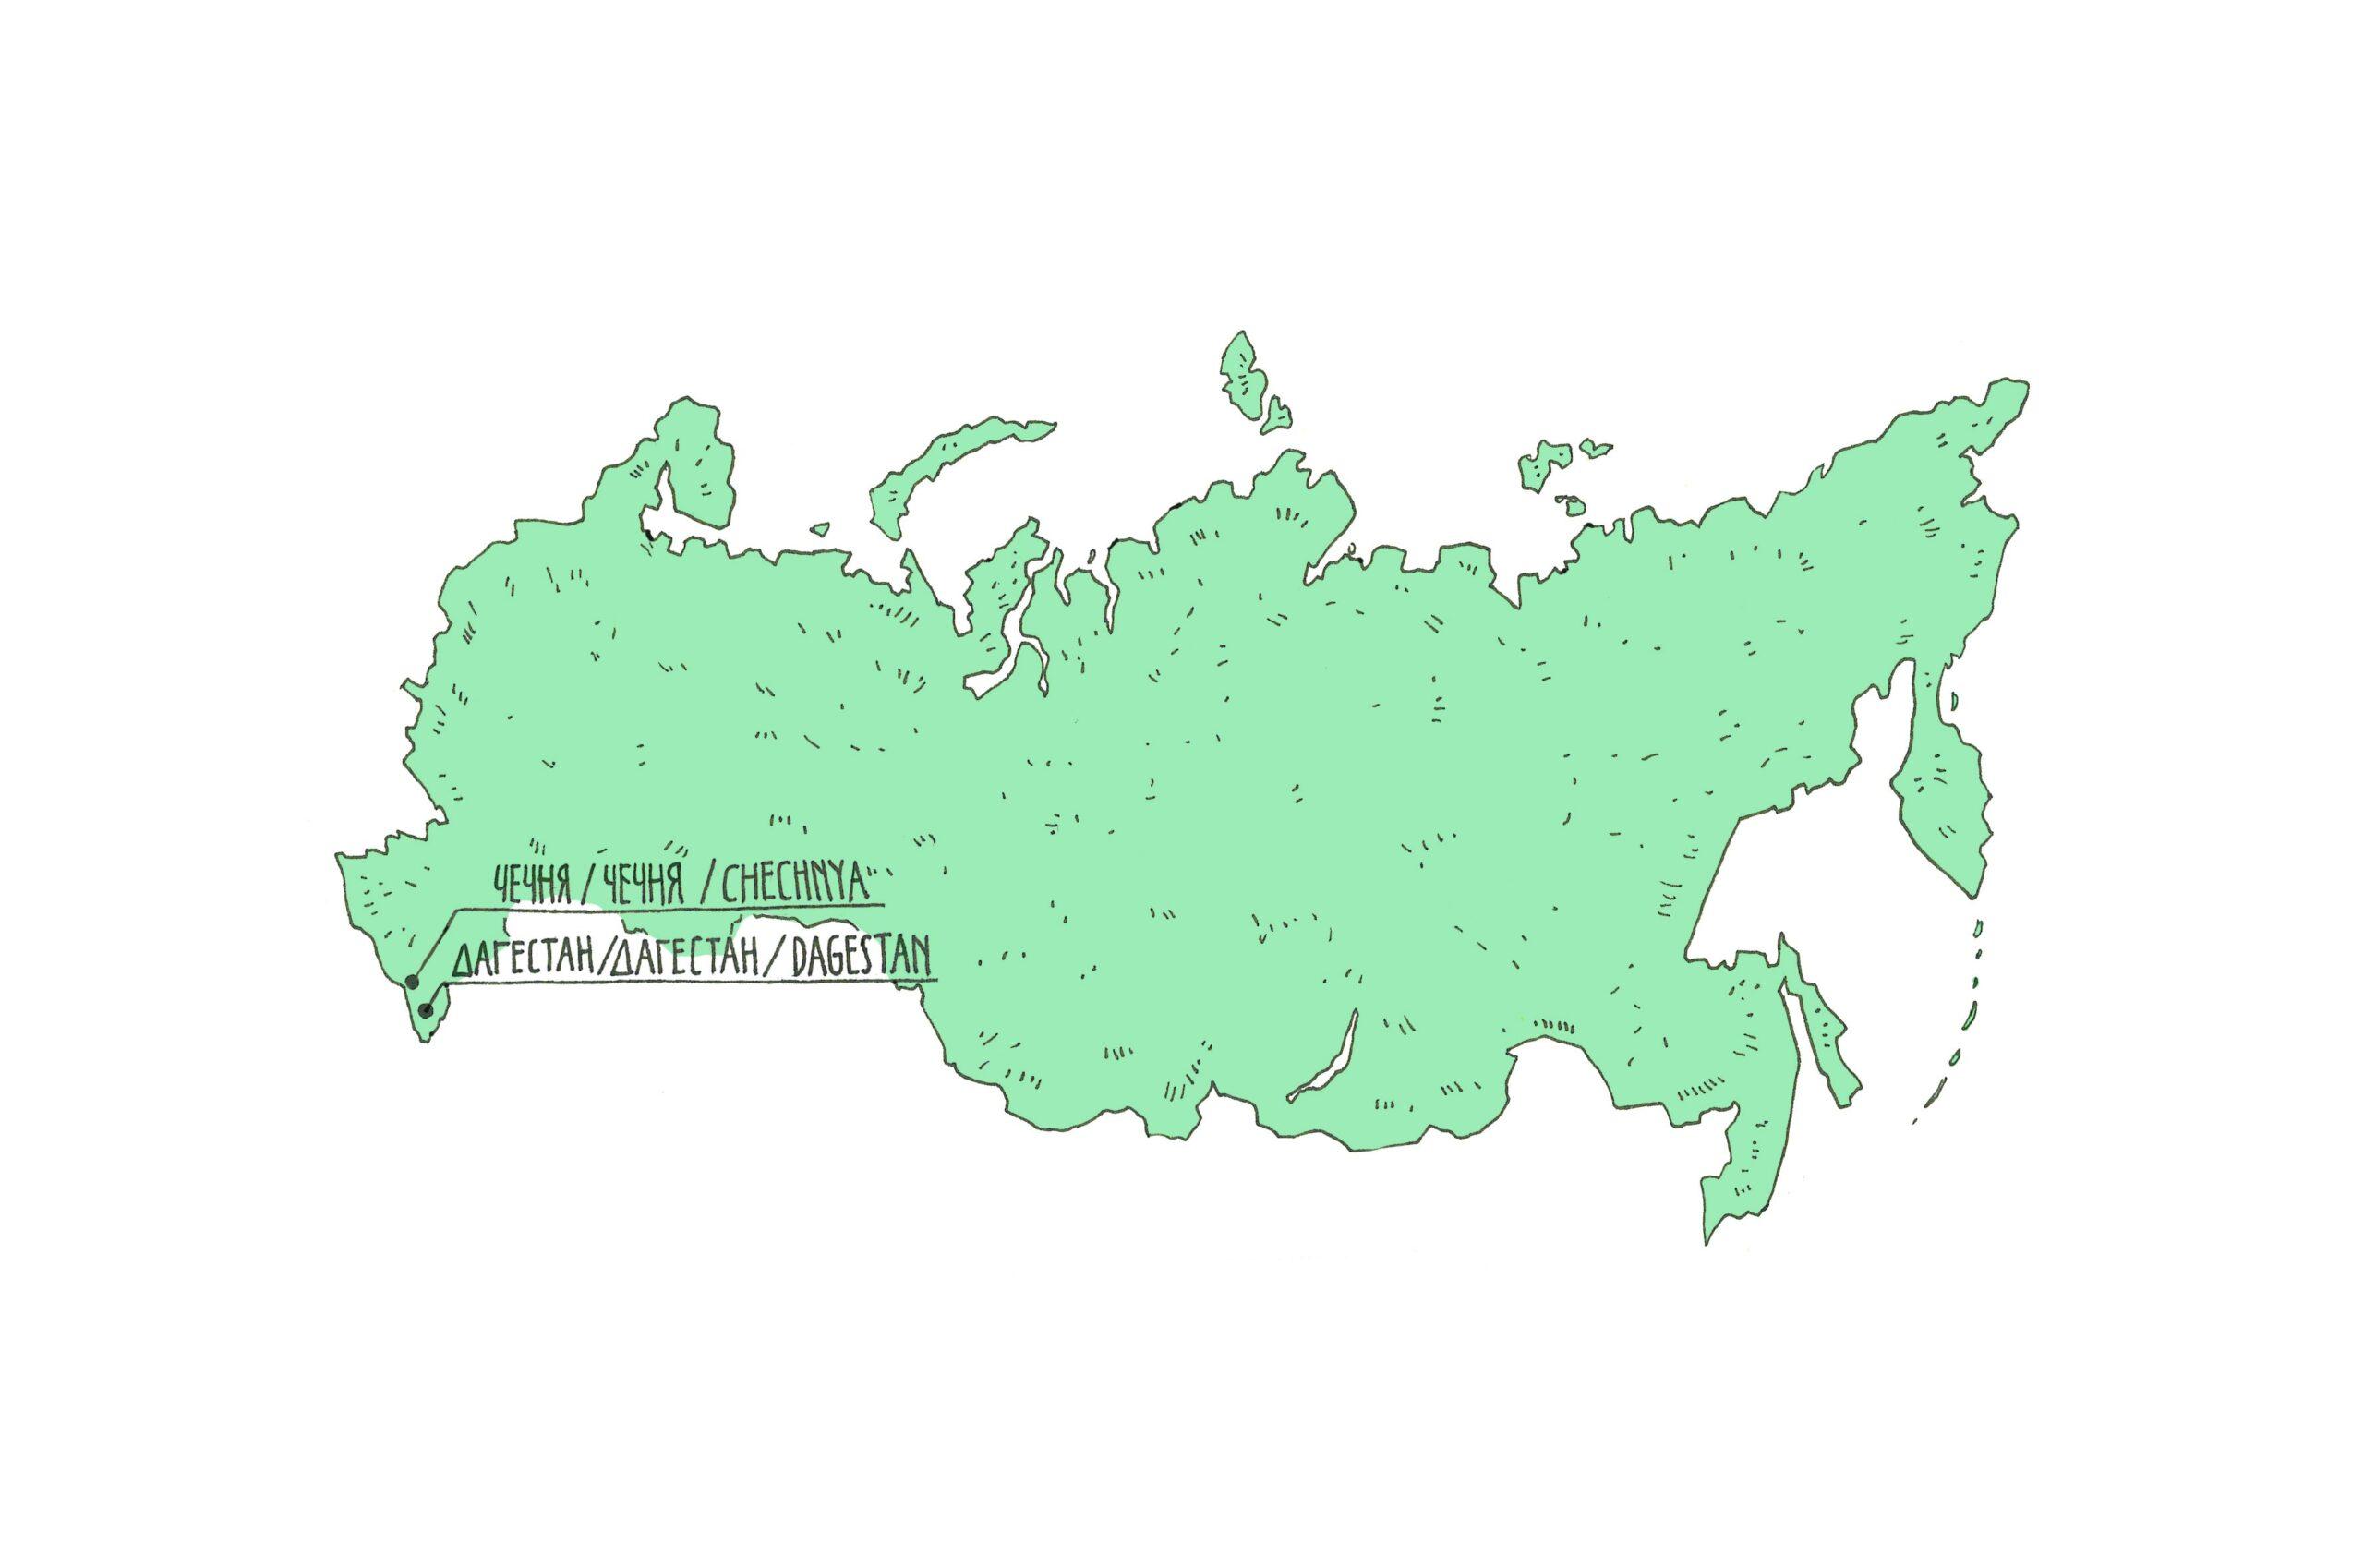 rosiya 1 scaled - <b>Анна та Юсуф.</b> Як в Україні та Польщі діють схожі методи фабрикації релігійного тероризму — і чому це небезпечно - Заборона